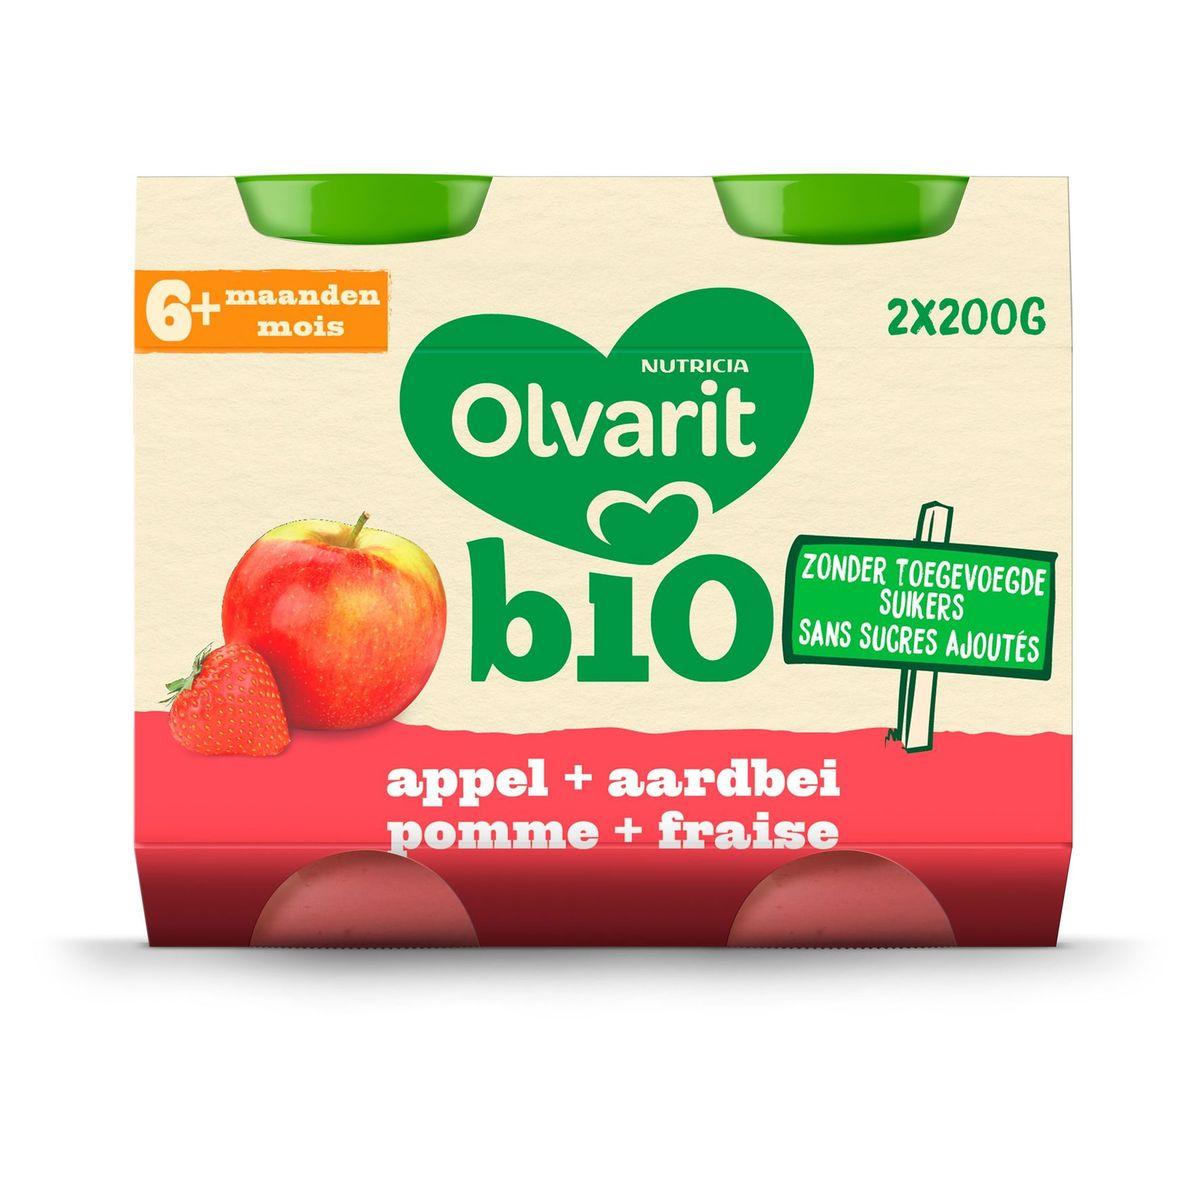 Olvarit Bio fruitpap babypuree Appel aardbei 6 maanden 2x200g